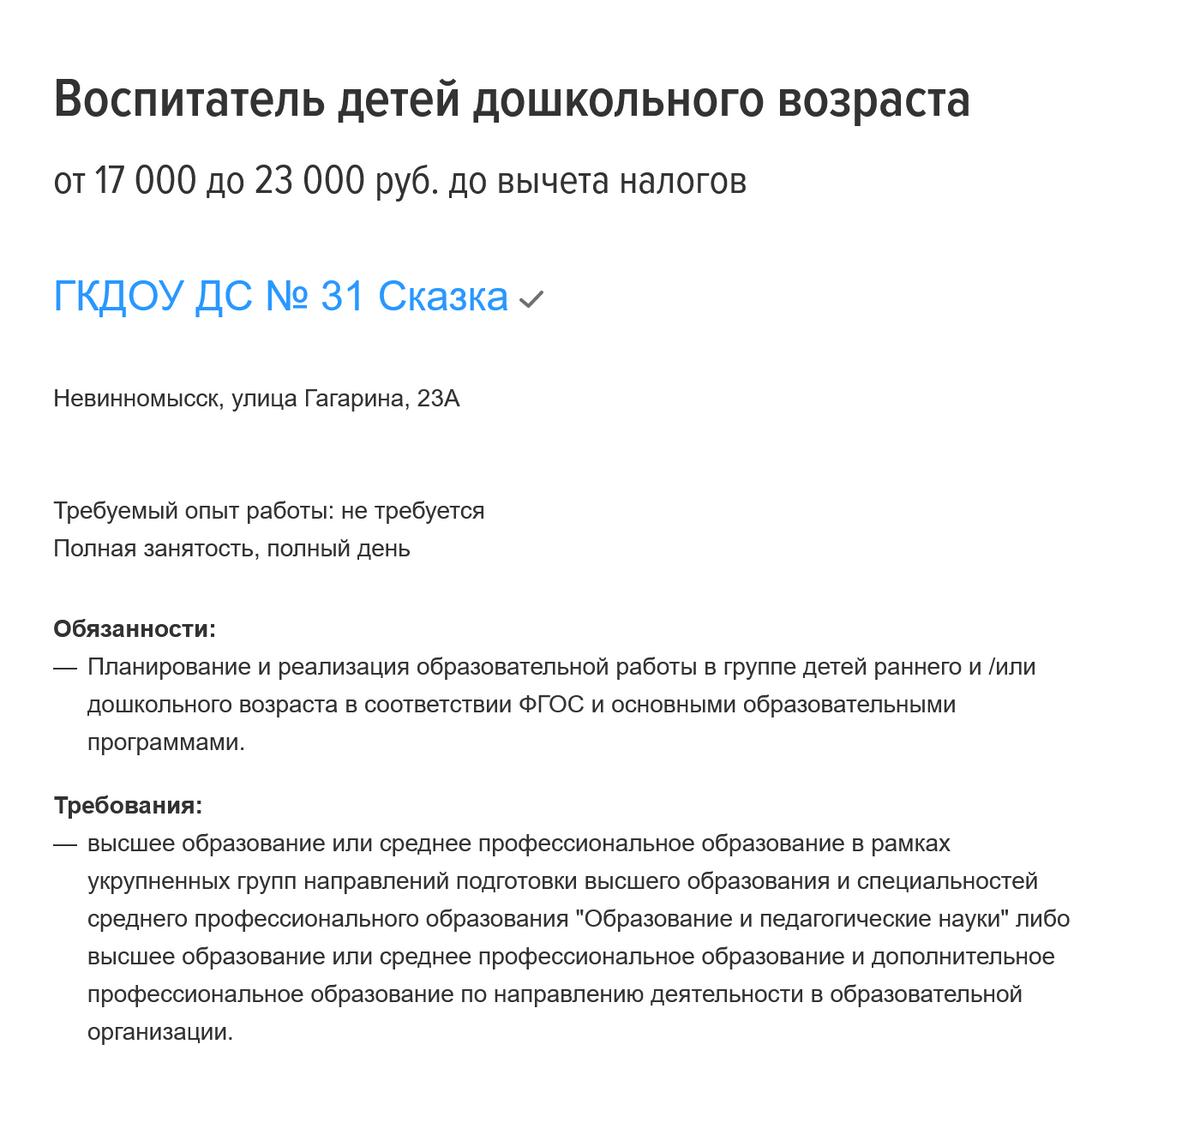 Вакансия воспитателя в государственный детский сад — от 17 000<span class=ruble>Р</span>